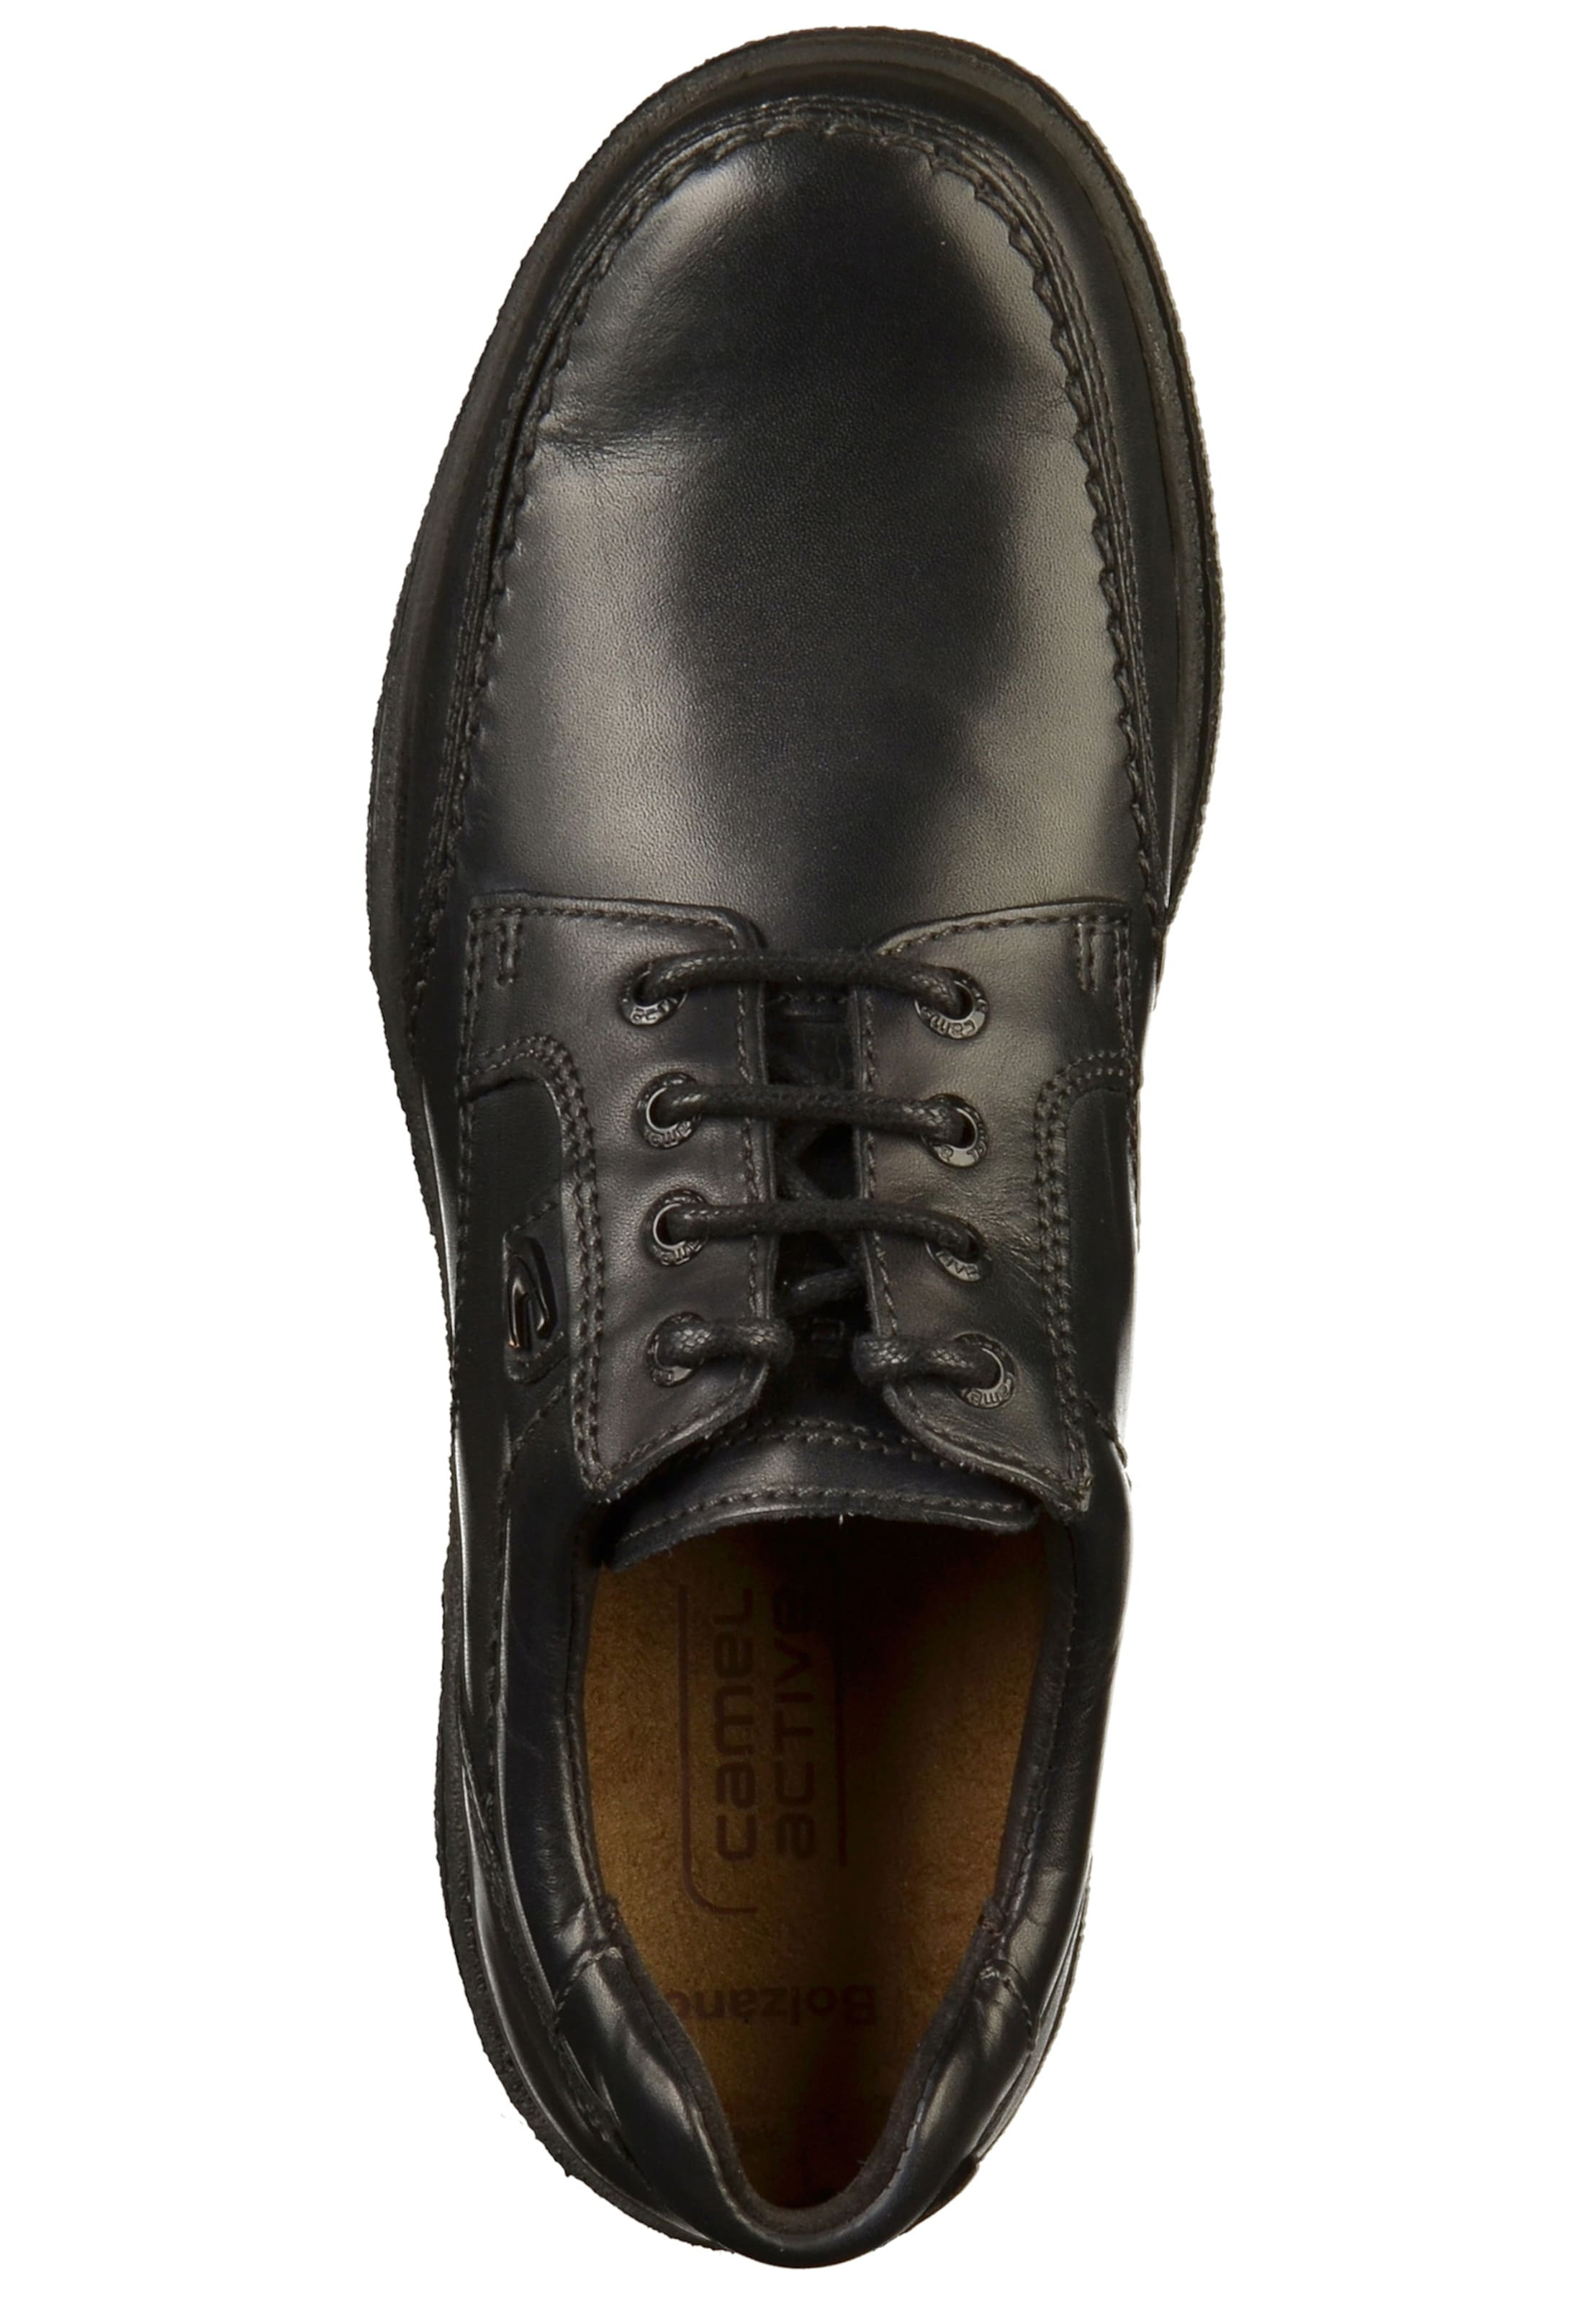 CAMEL ACTIVE Halbschuhe Halbschuhe ACTIVE Günstige und langlebige Schuhe 3c05ef